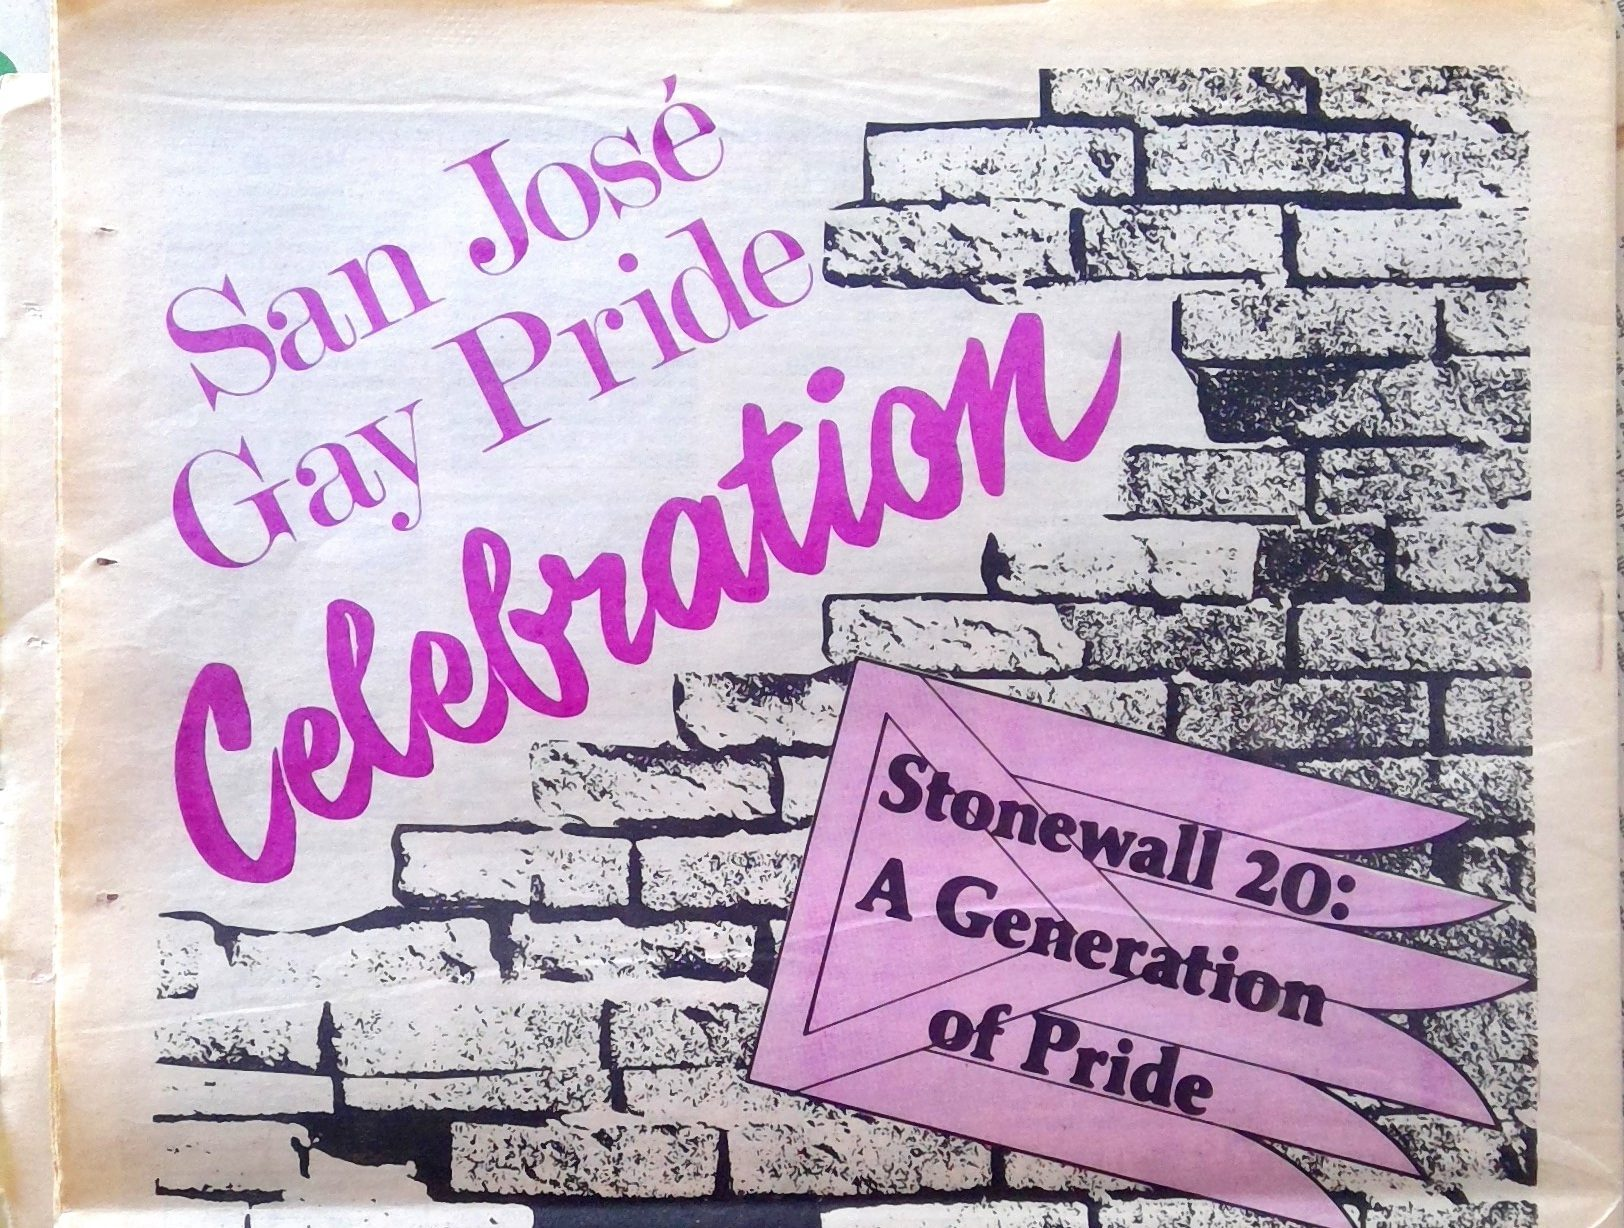 1989 san jose gay pride ad